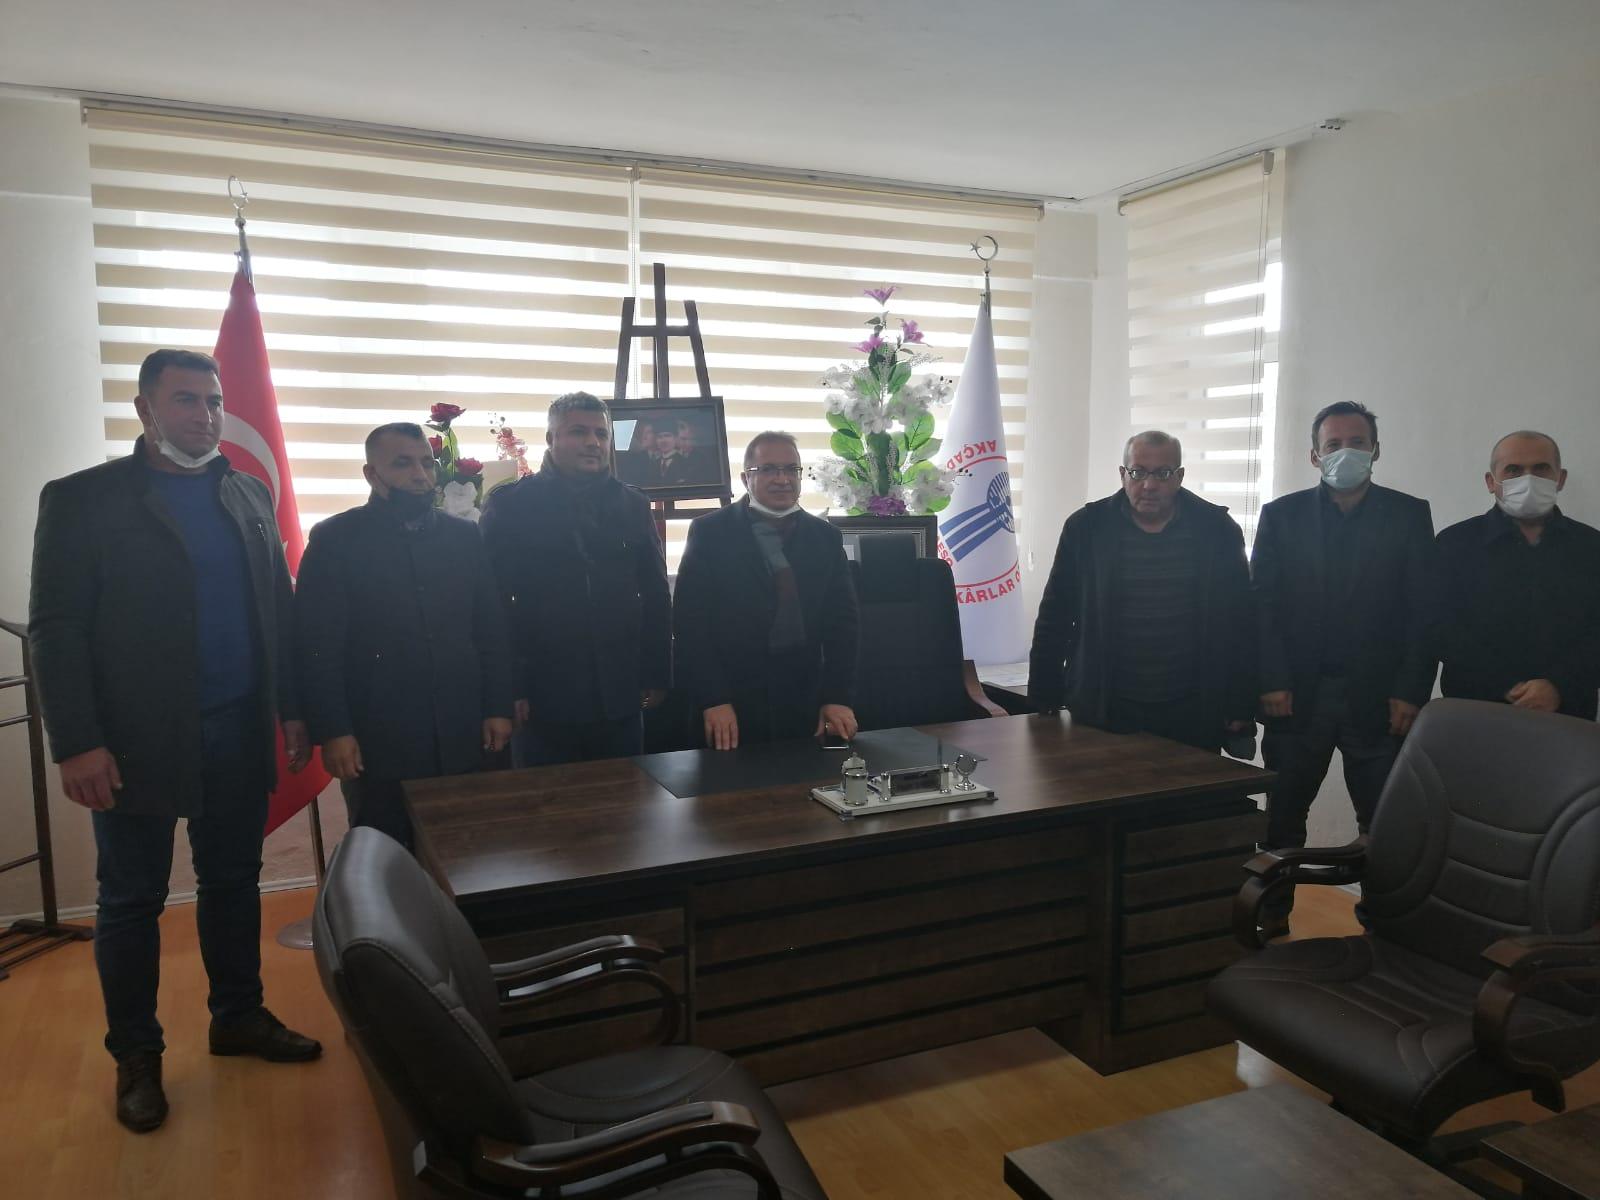 Başkan Kazgan Esnafın Sorunları Dinledi Projelerini Anlattı